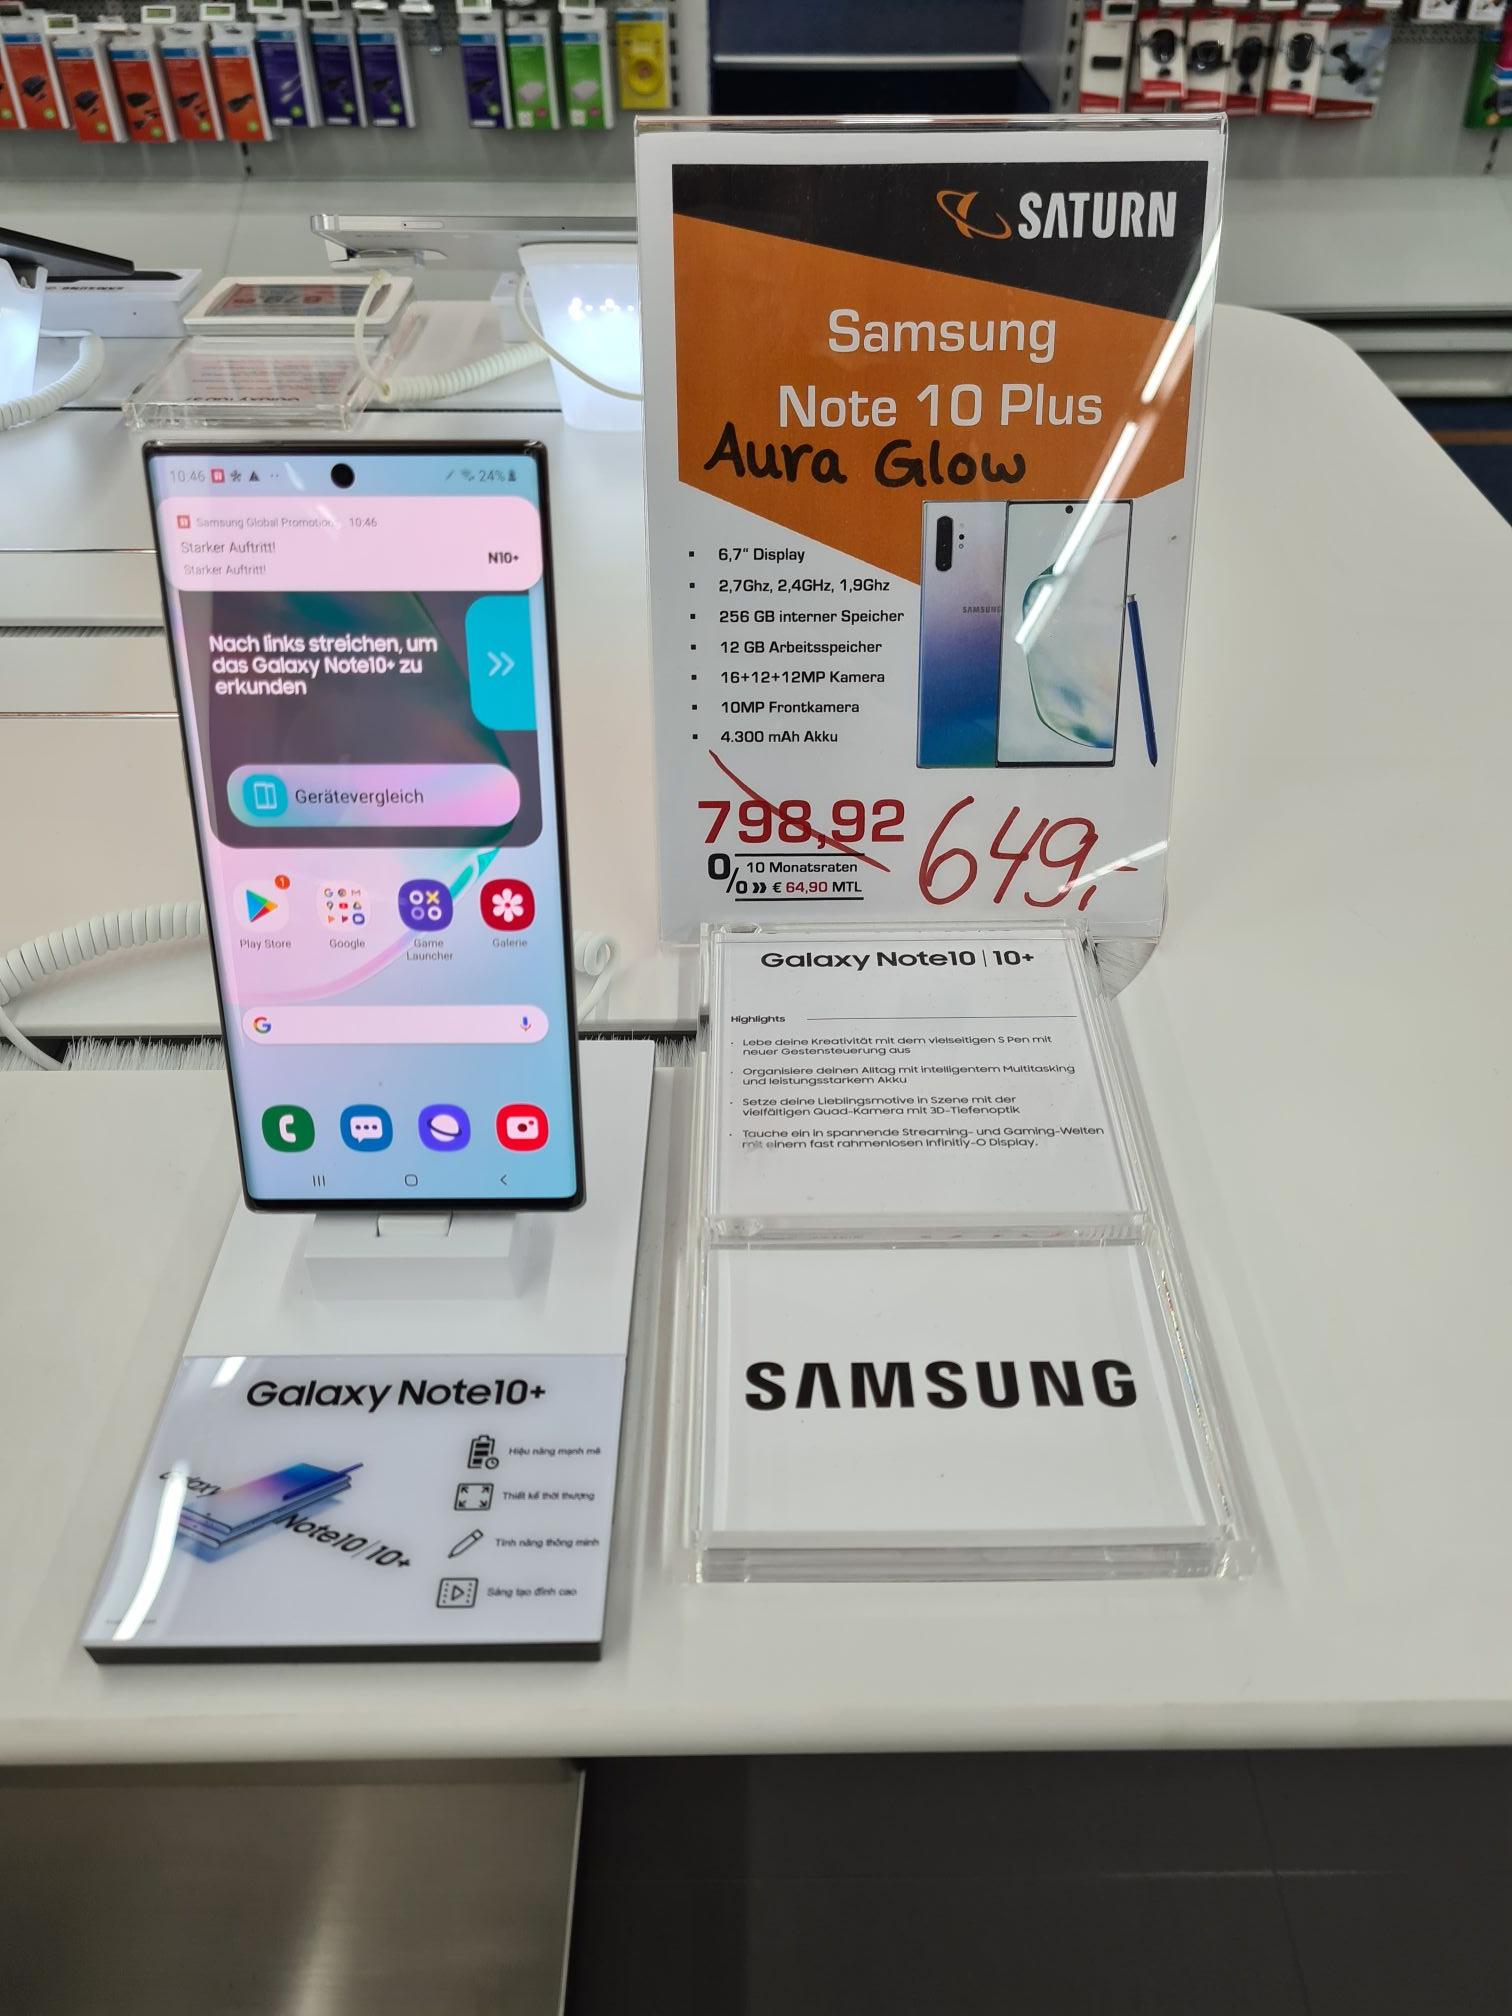 LOKAL - Samsung Galaxy Note 10+ 256GB im Saturn Dortmund Eving